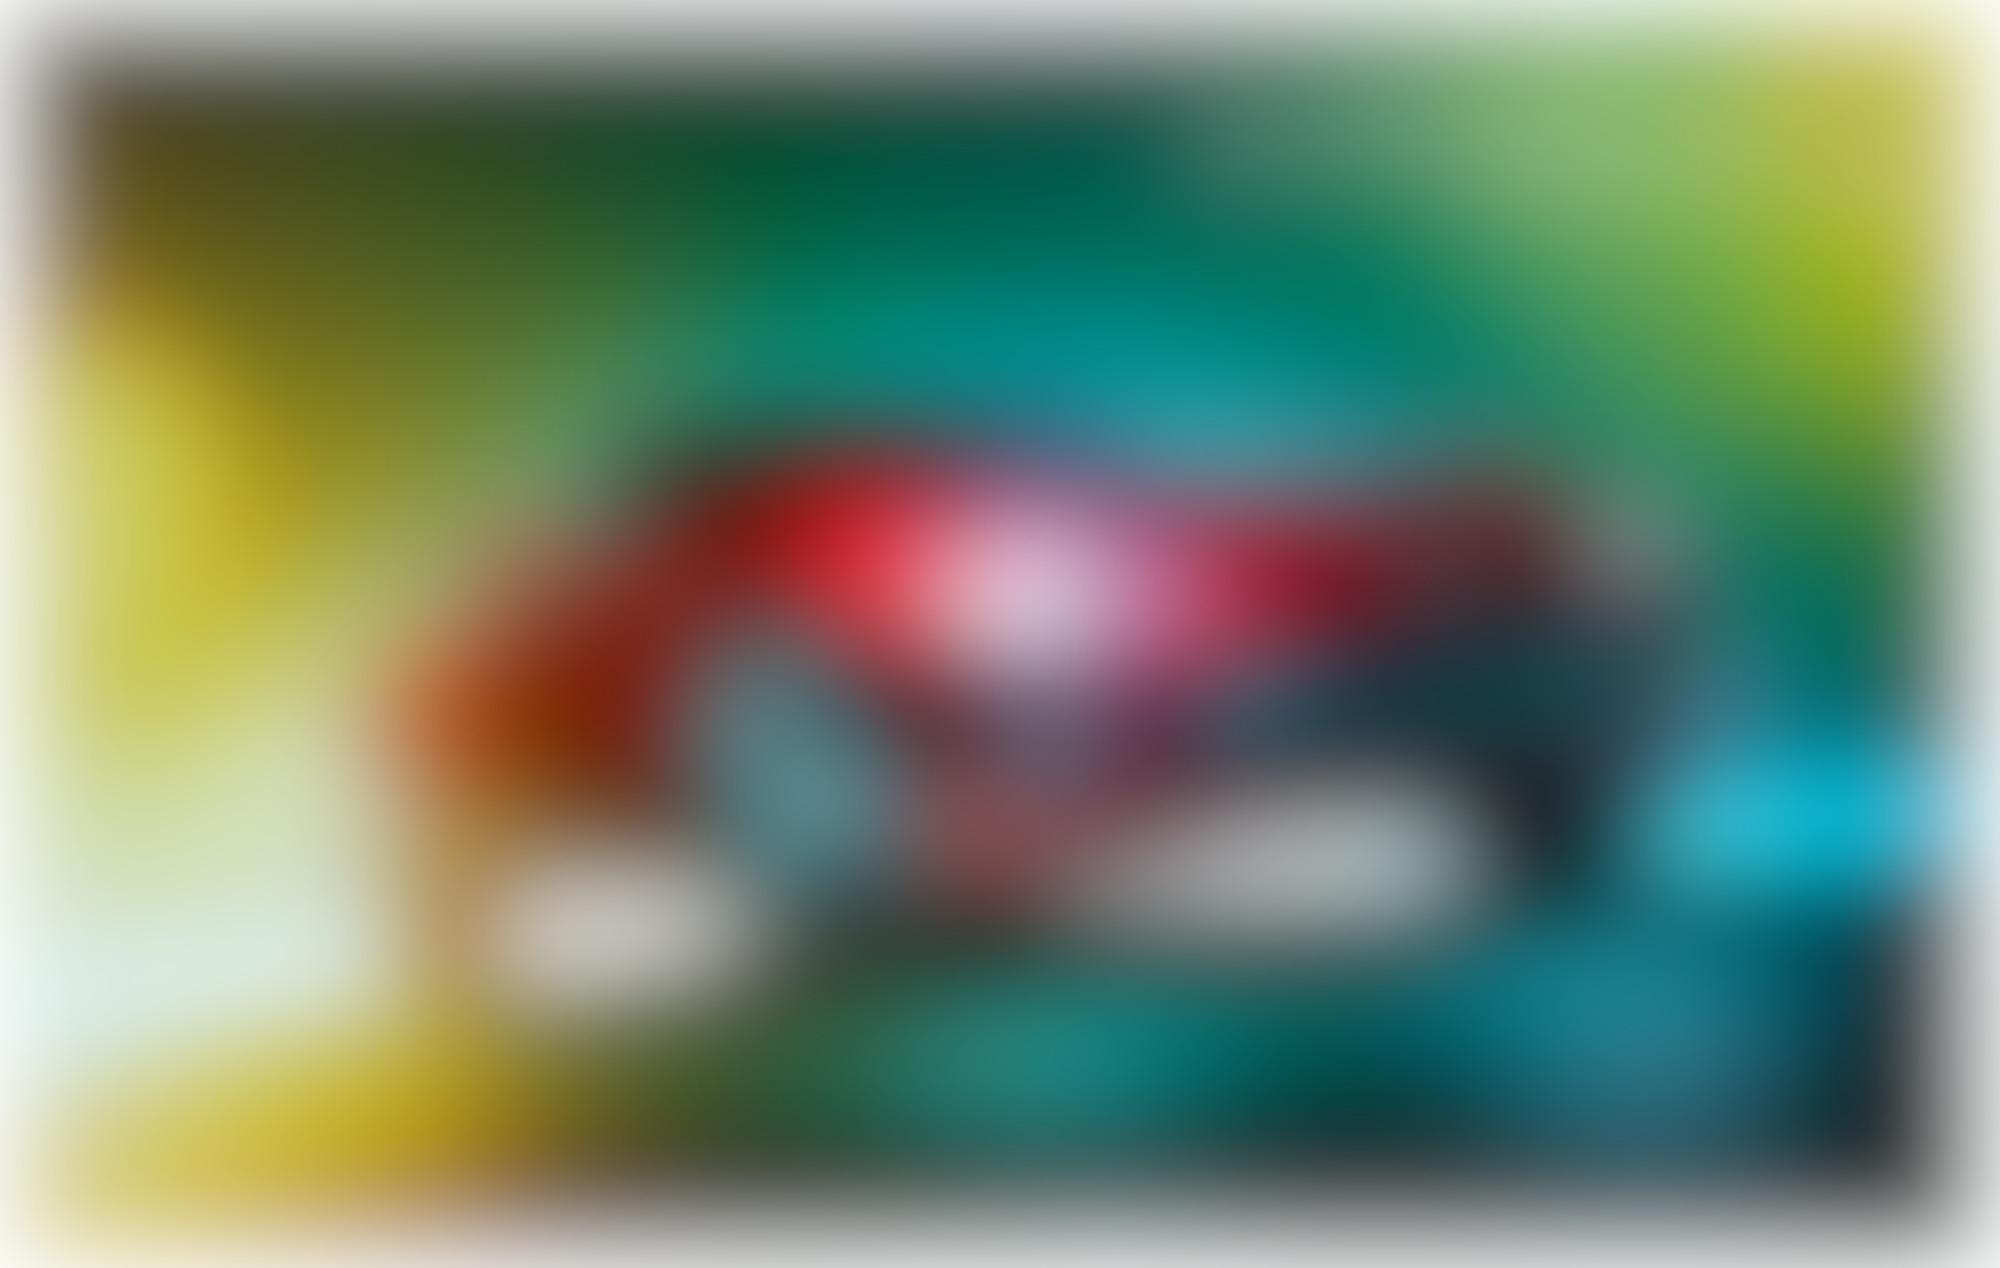 2015 Mazda Rick Guest East autocompressfitresizeixlibphp 1 1 0max h2000max w3 D2000q80s2721d80496619fc14165757983167921